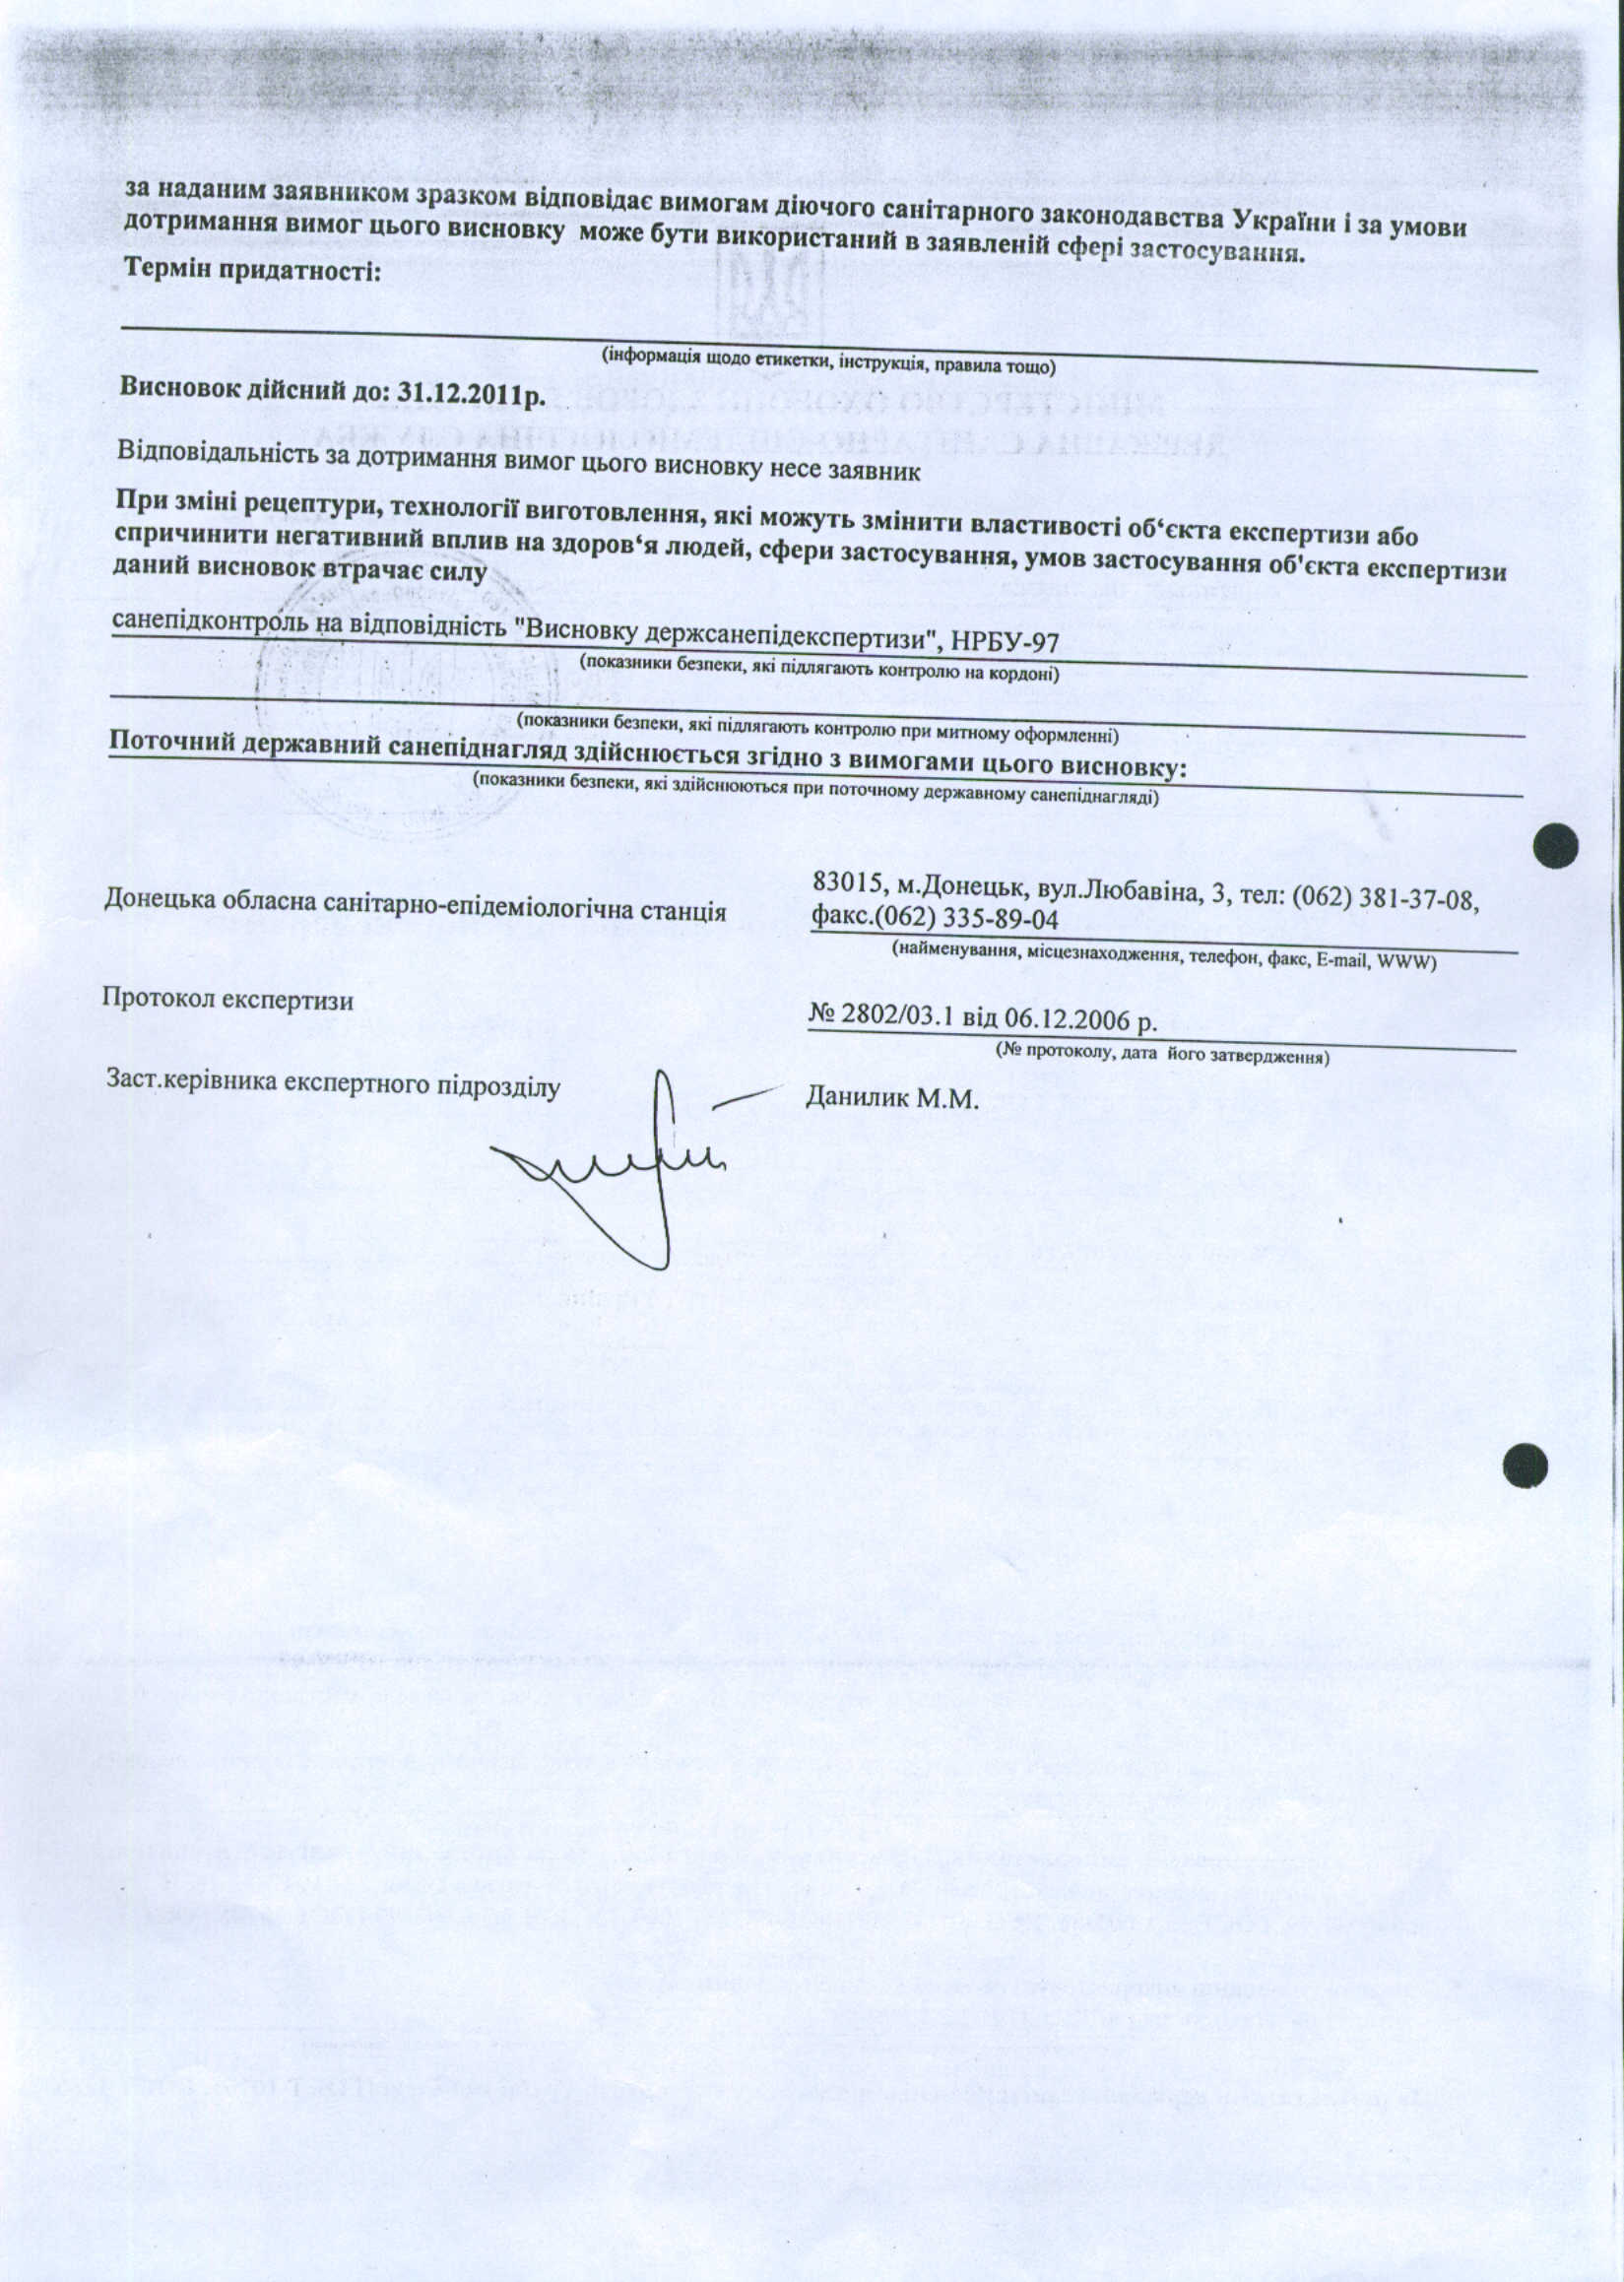 Заключение санитарно-гигиенической экспертизы на металлические трубы (лист 2).